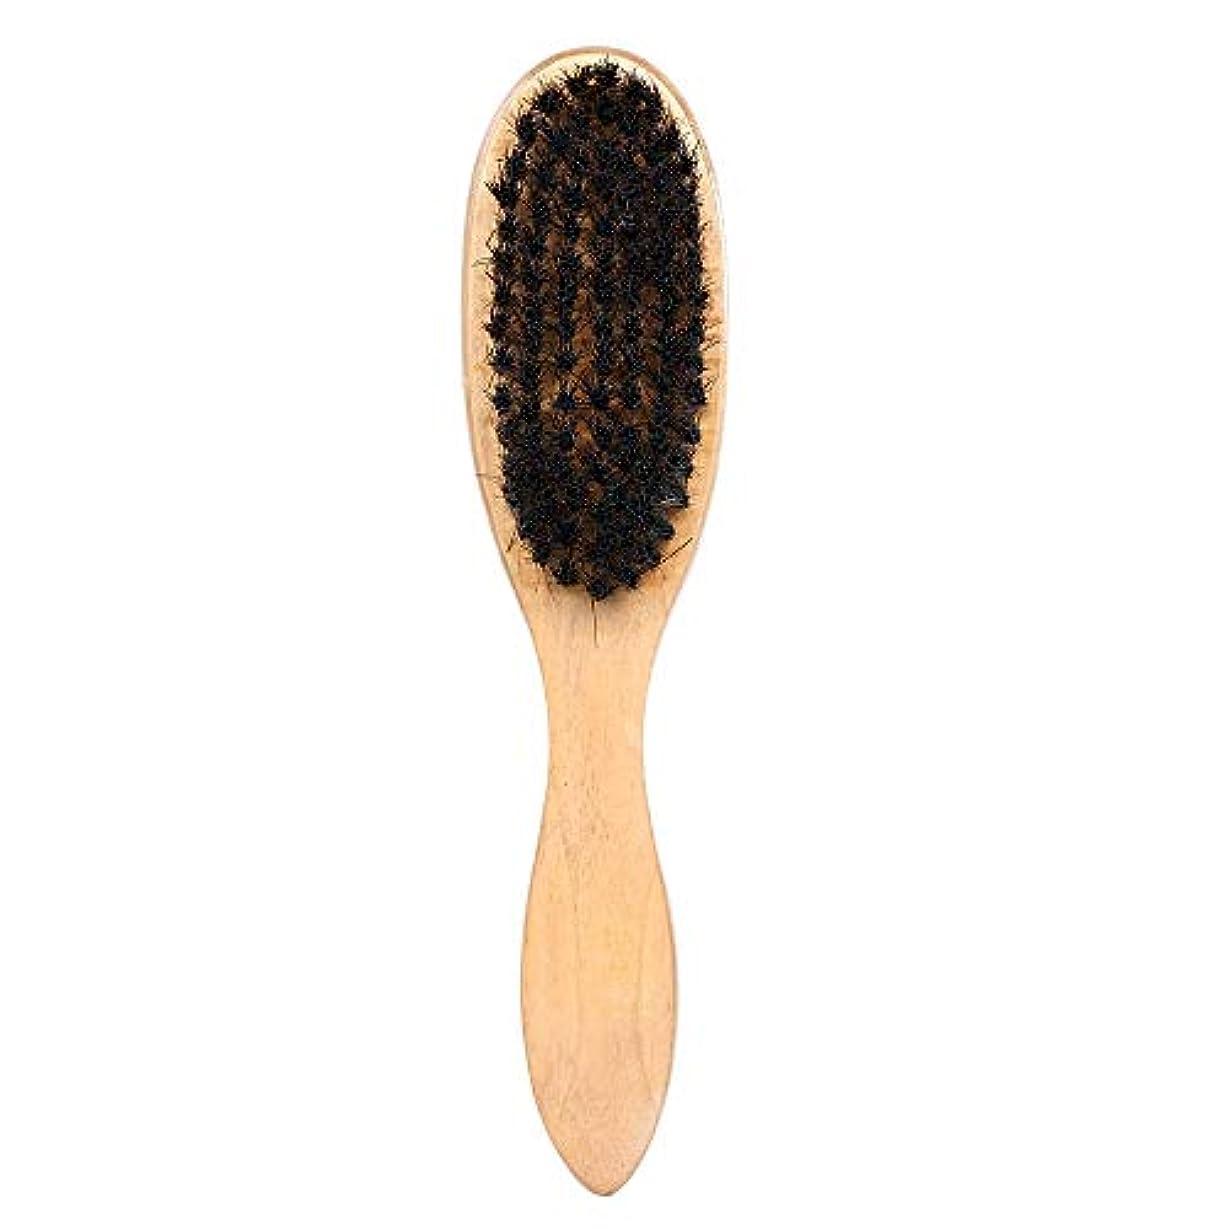 ありふれた中央値土器あごひげケア 美容ツール ひげブラシ木製ヘアブラシイノシシ剛毛木製ハンドルシェービングブラシ木製ひげ櫛男性用